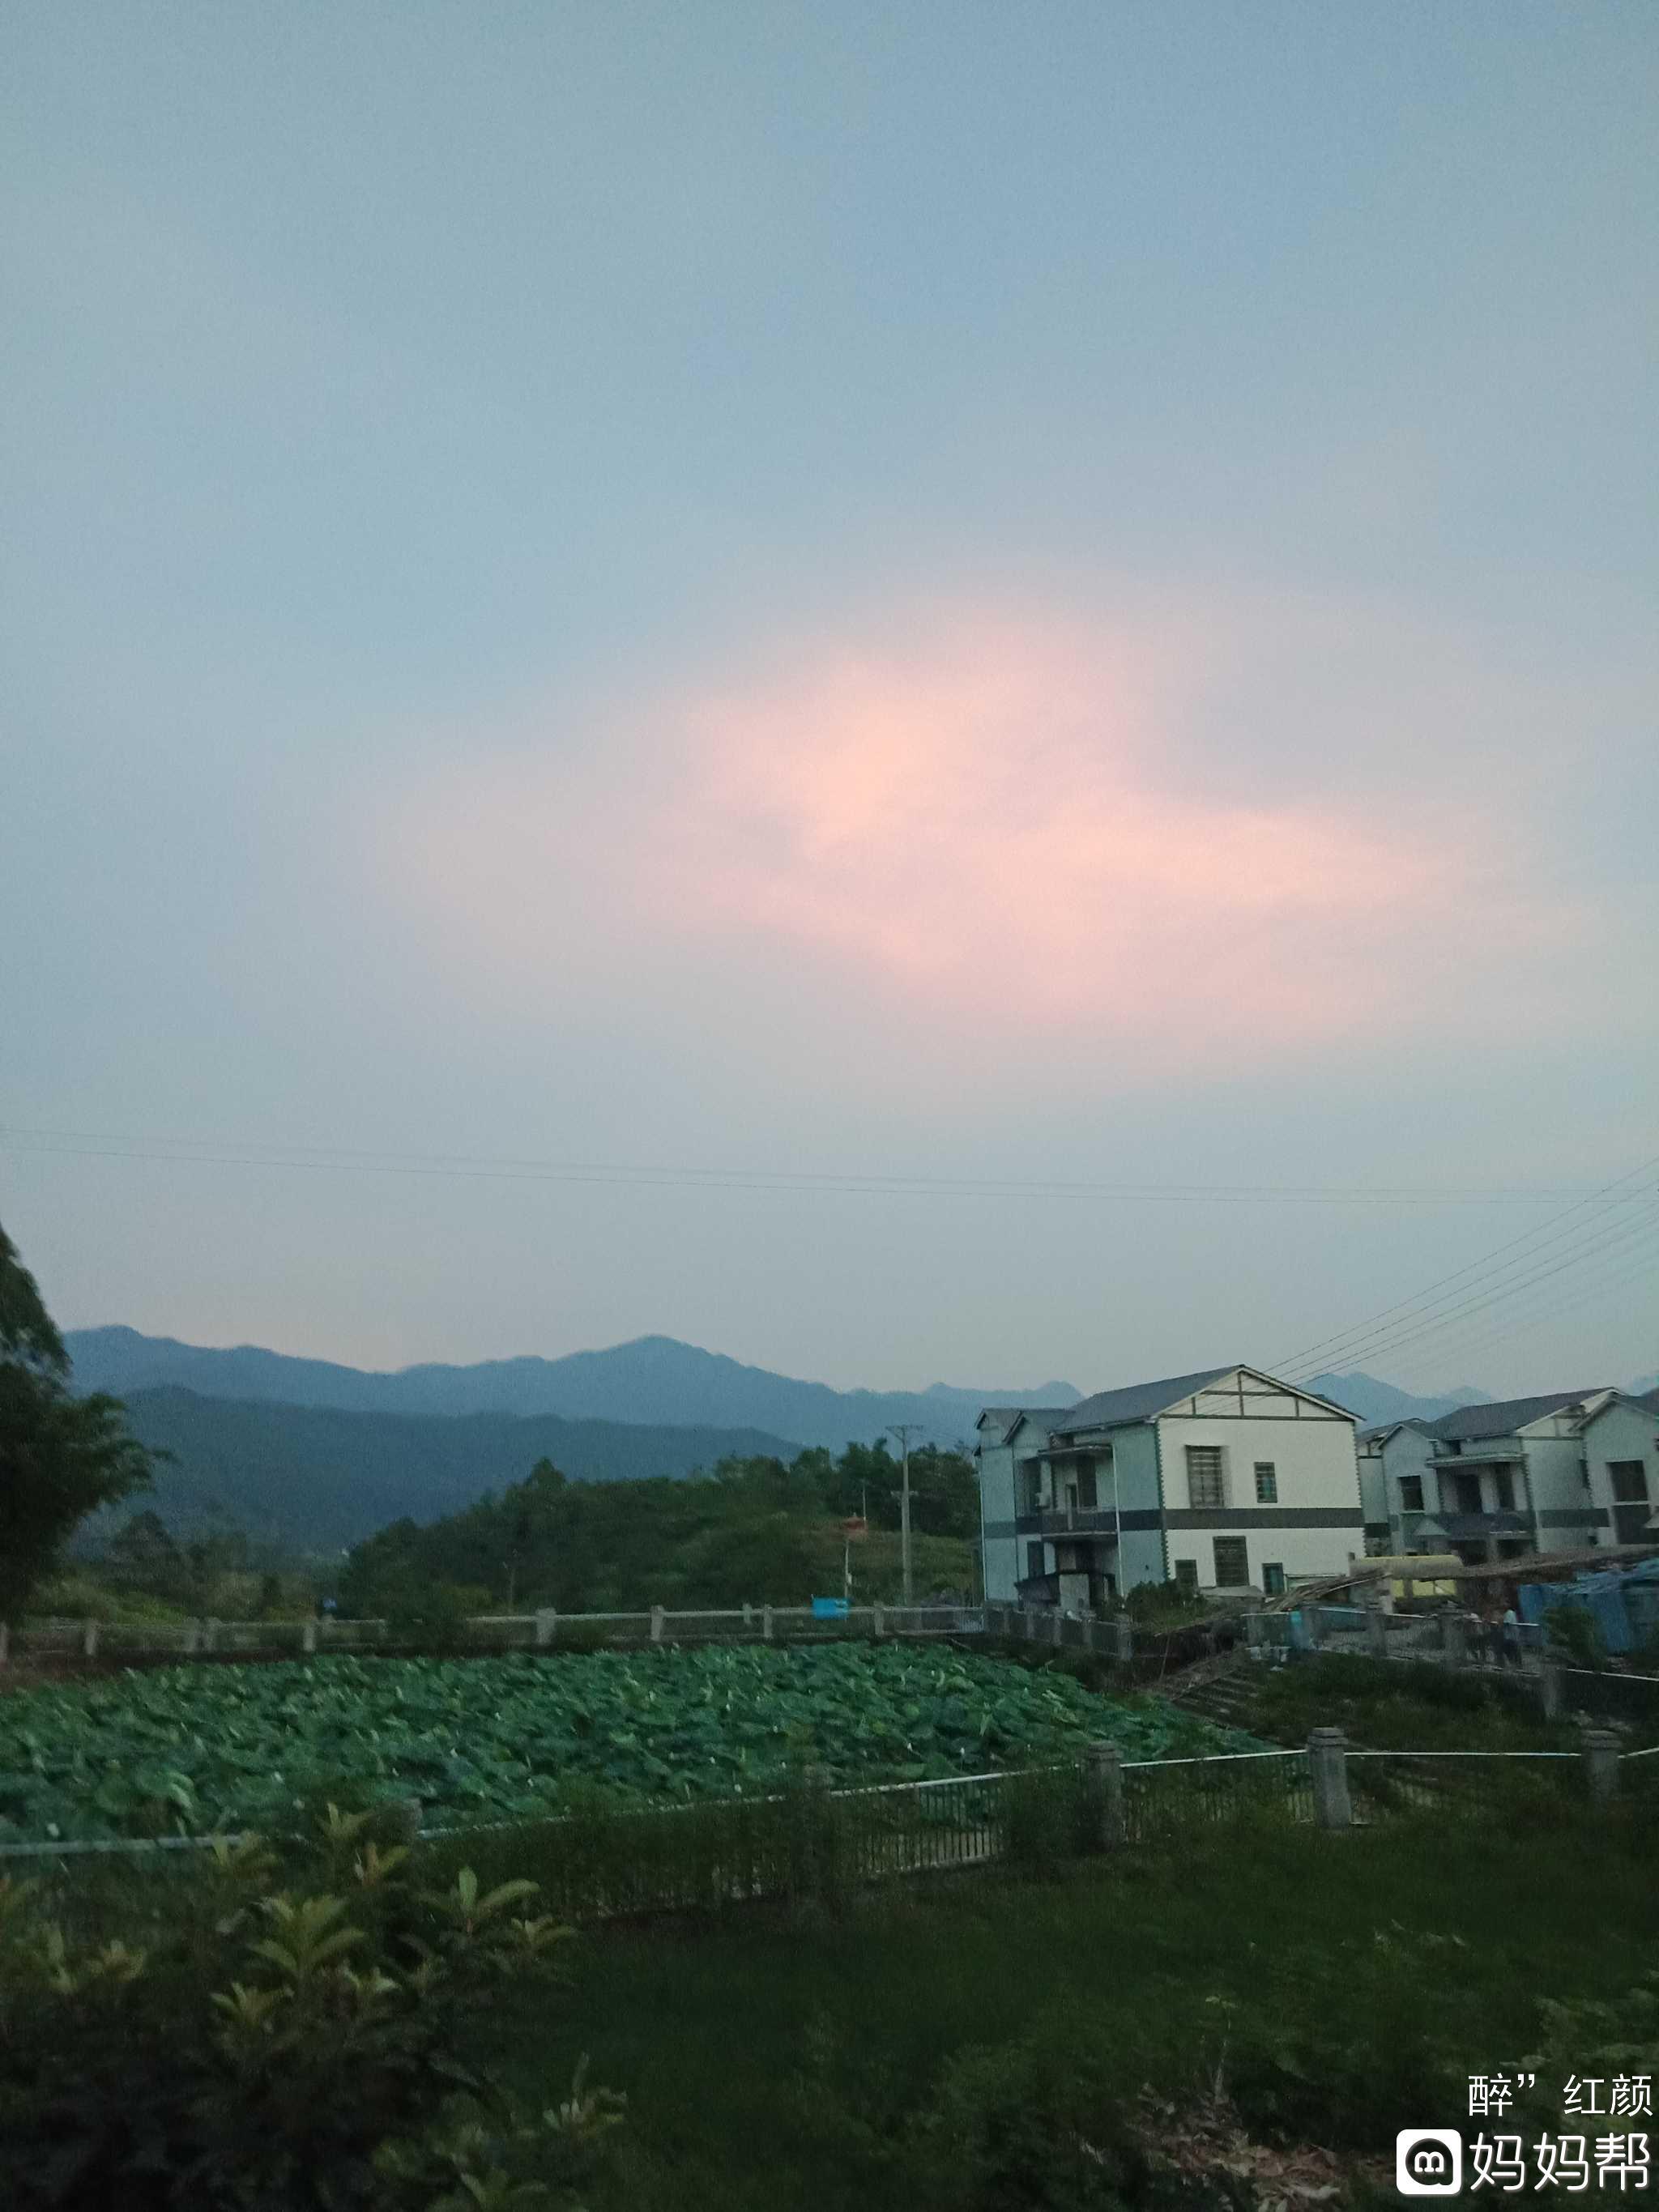 傍晚夏季风景图片